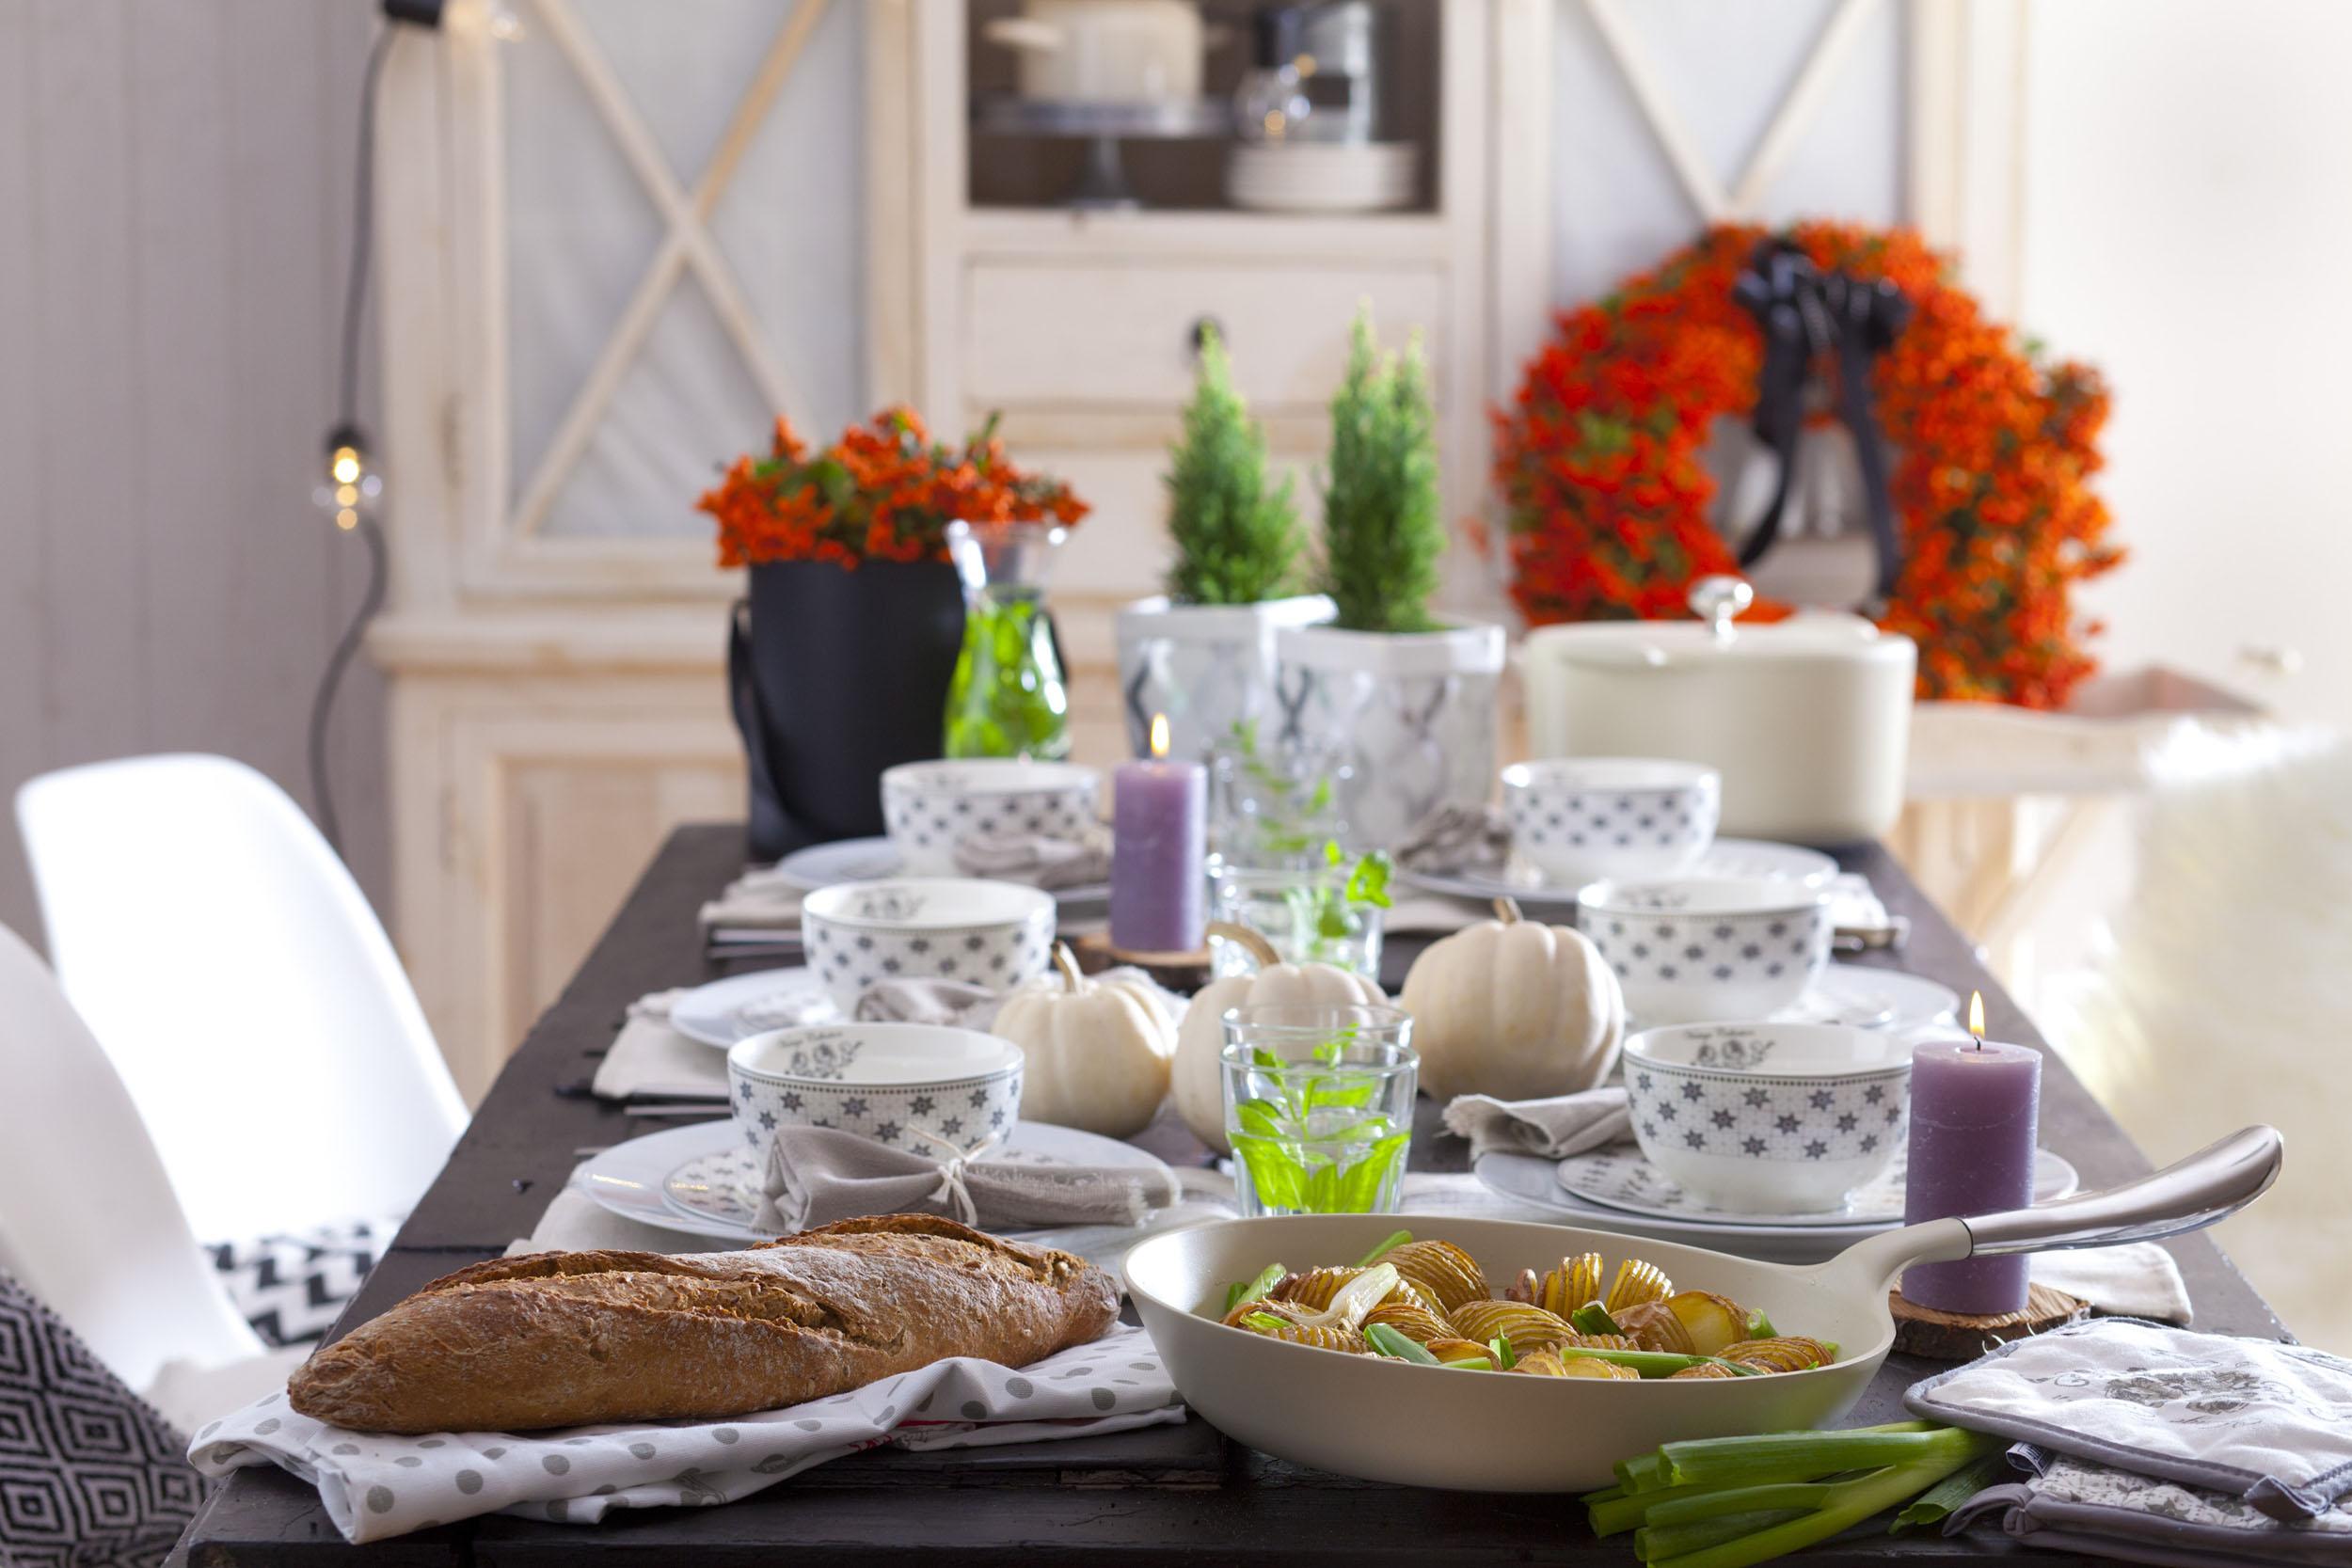 Jesienny stół w stylu skandynawskim.